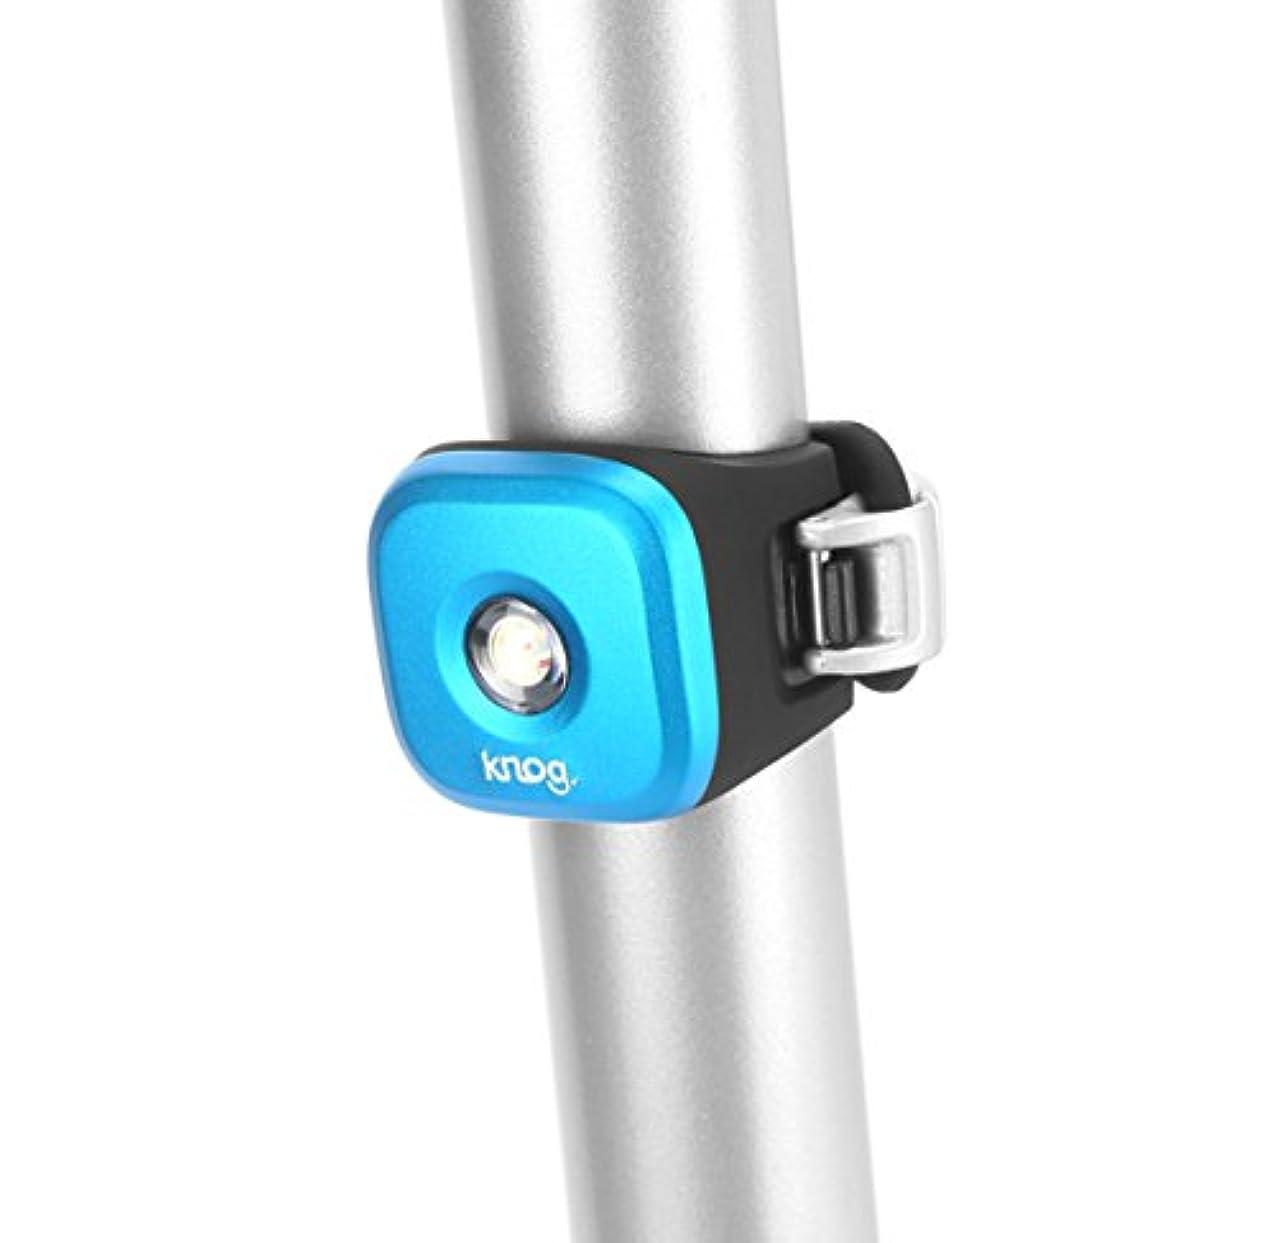 原理ボリューム省knog(ノグ) BLINDER 1 REAR STANDARD /BLUE